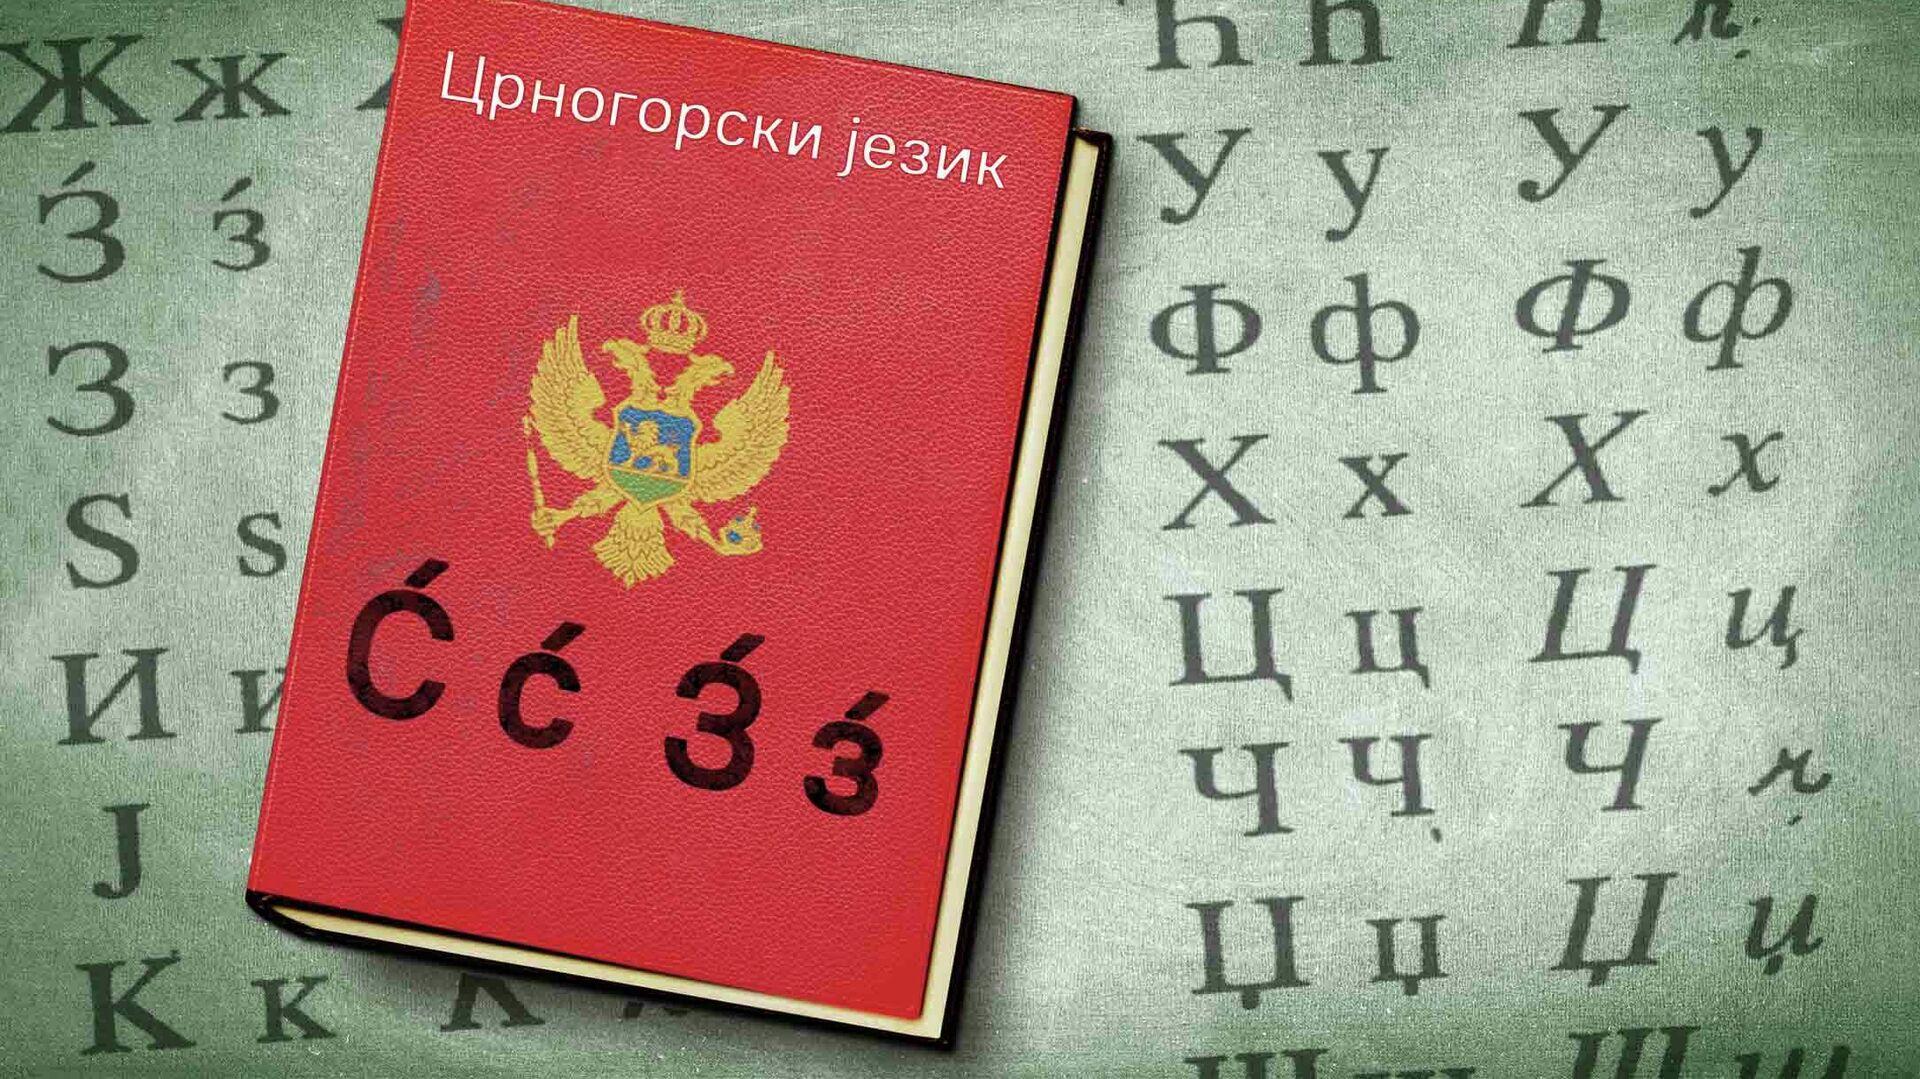 Црногорски језик - илустрација - Sputnik Србија, 1920, 13.09.2021